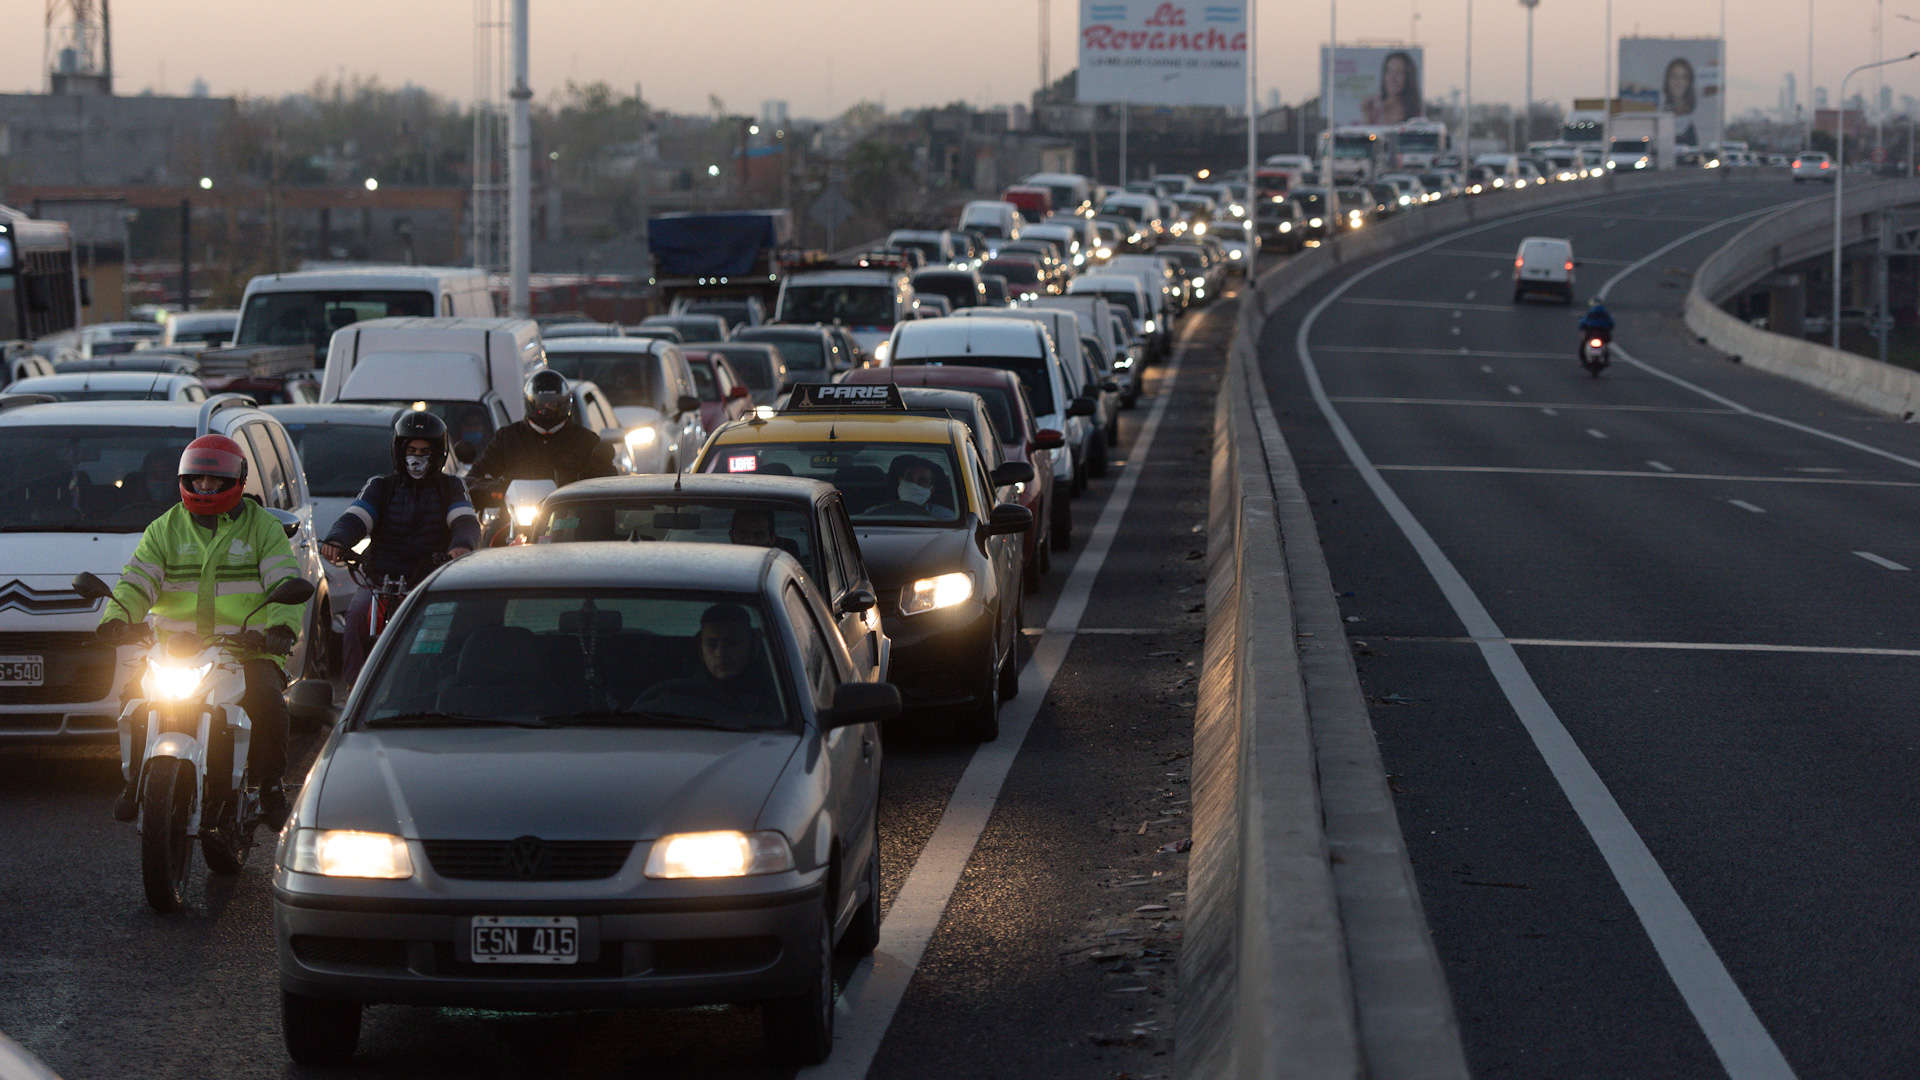 Con la flexibilización paulatina de la cuarentena, los accesos de la ciudad de Buenos Aires comenzaron a congestionarse. Pasar el puente de la Noria, a principios de junio, podía llevar una hora y media.